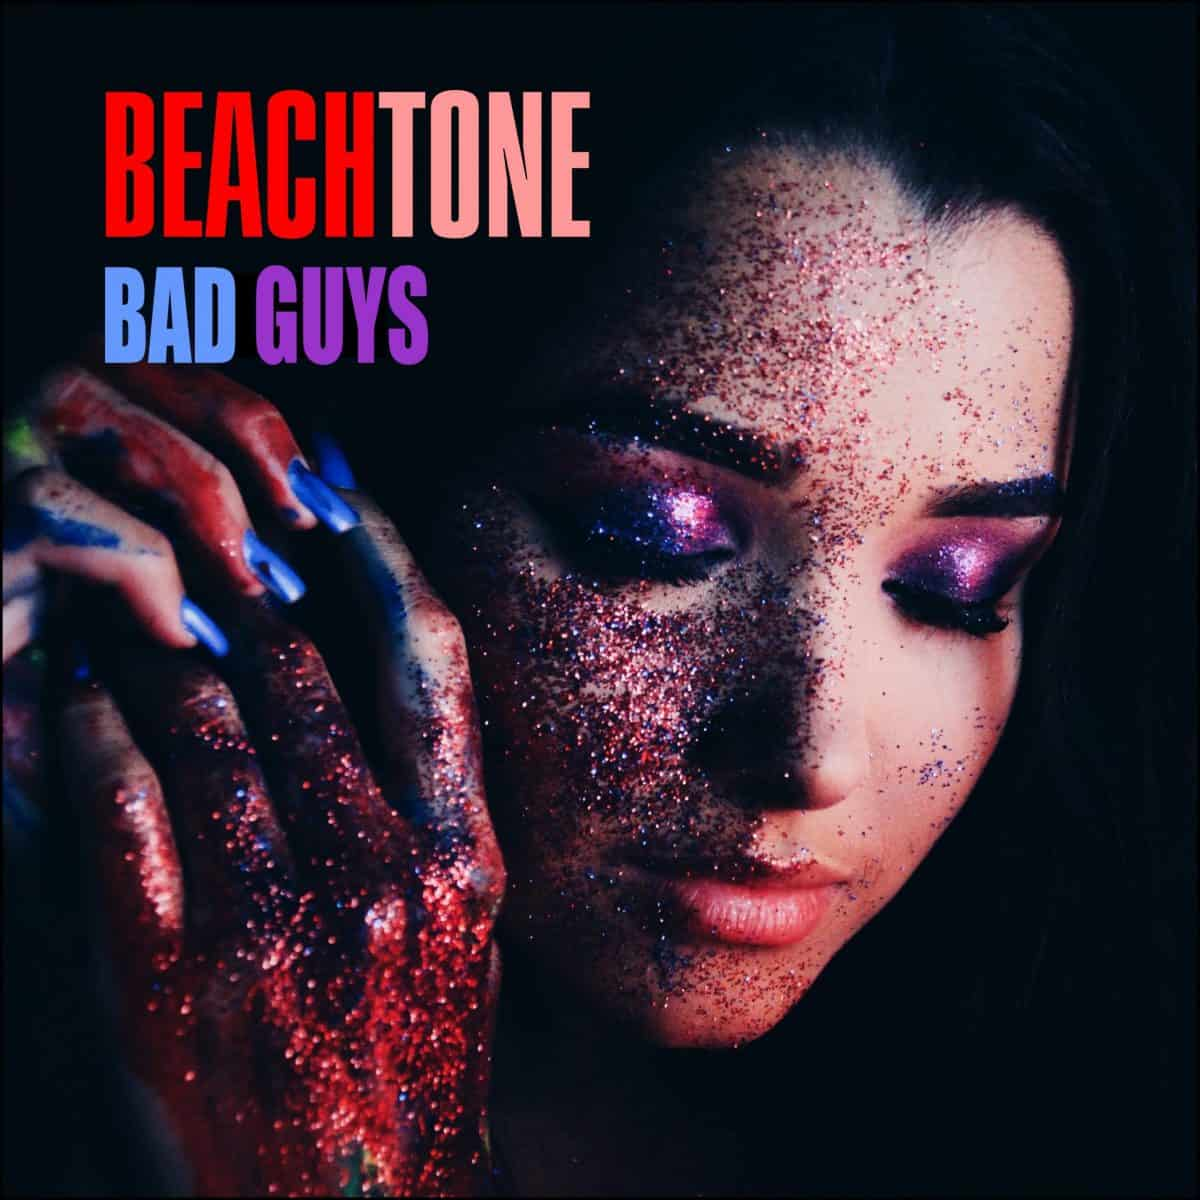 BeachTone - Bad Guys